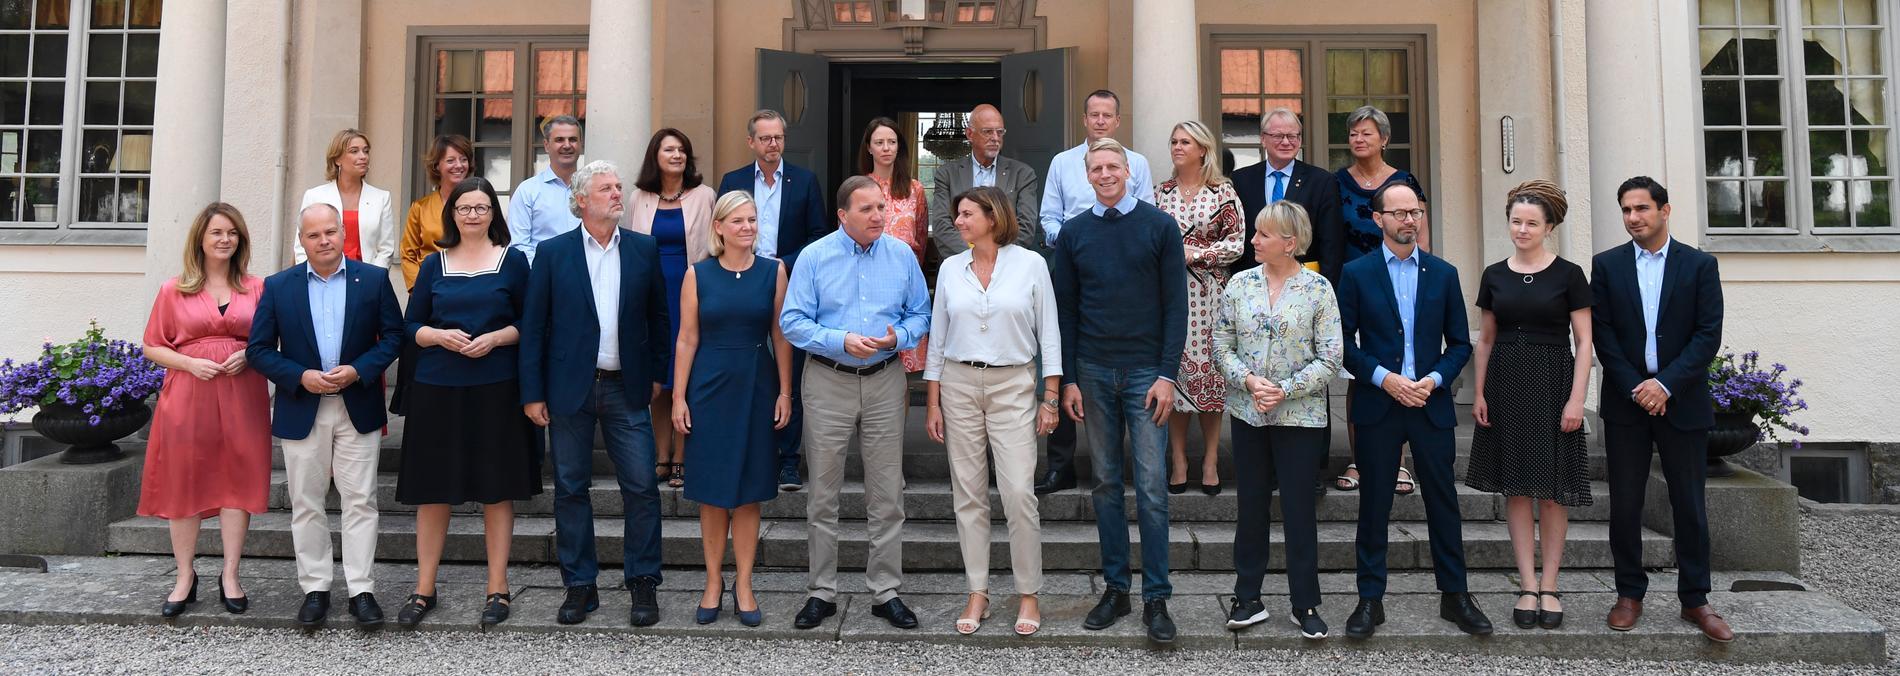 Många verkar känna sig manade att ta över efter Stefan Löfven som partiordförande i Socialdemokraterna, få av dem är kvinnor.